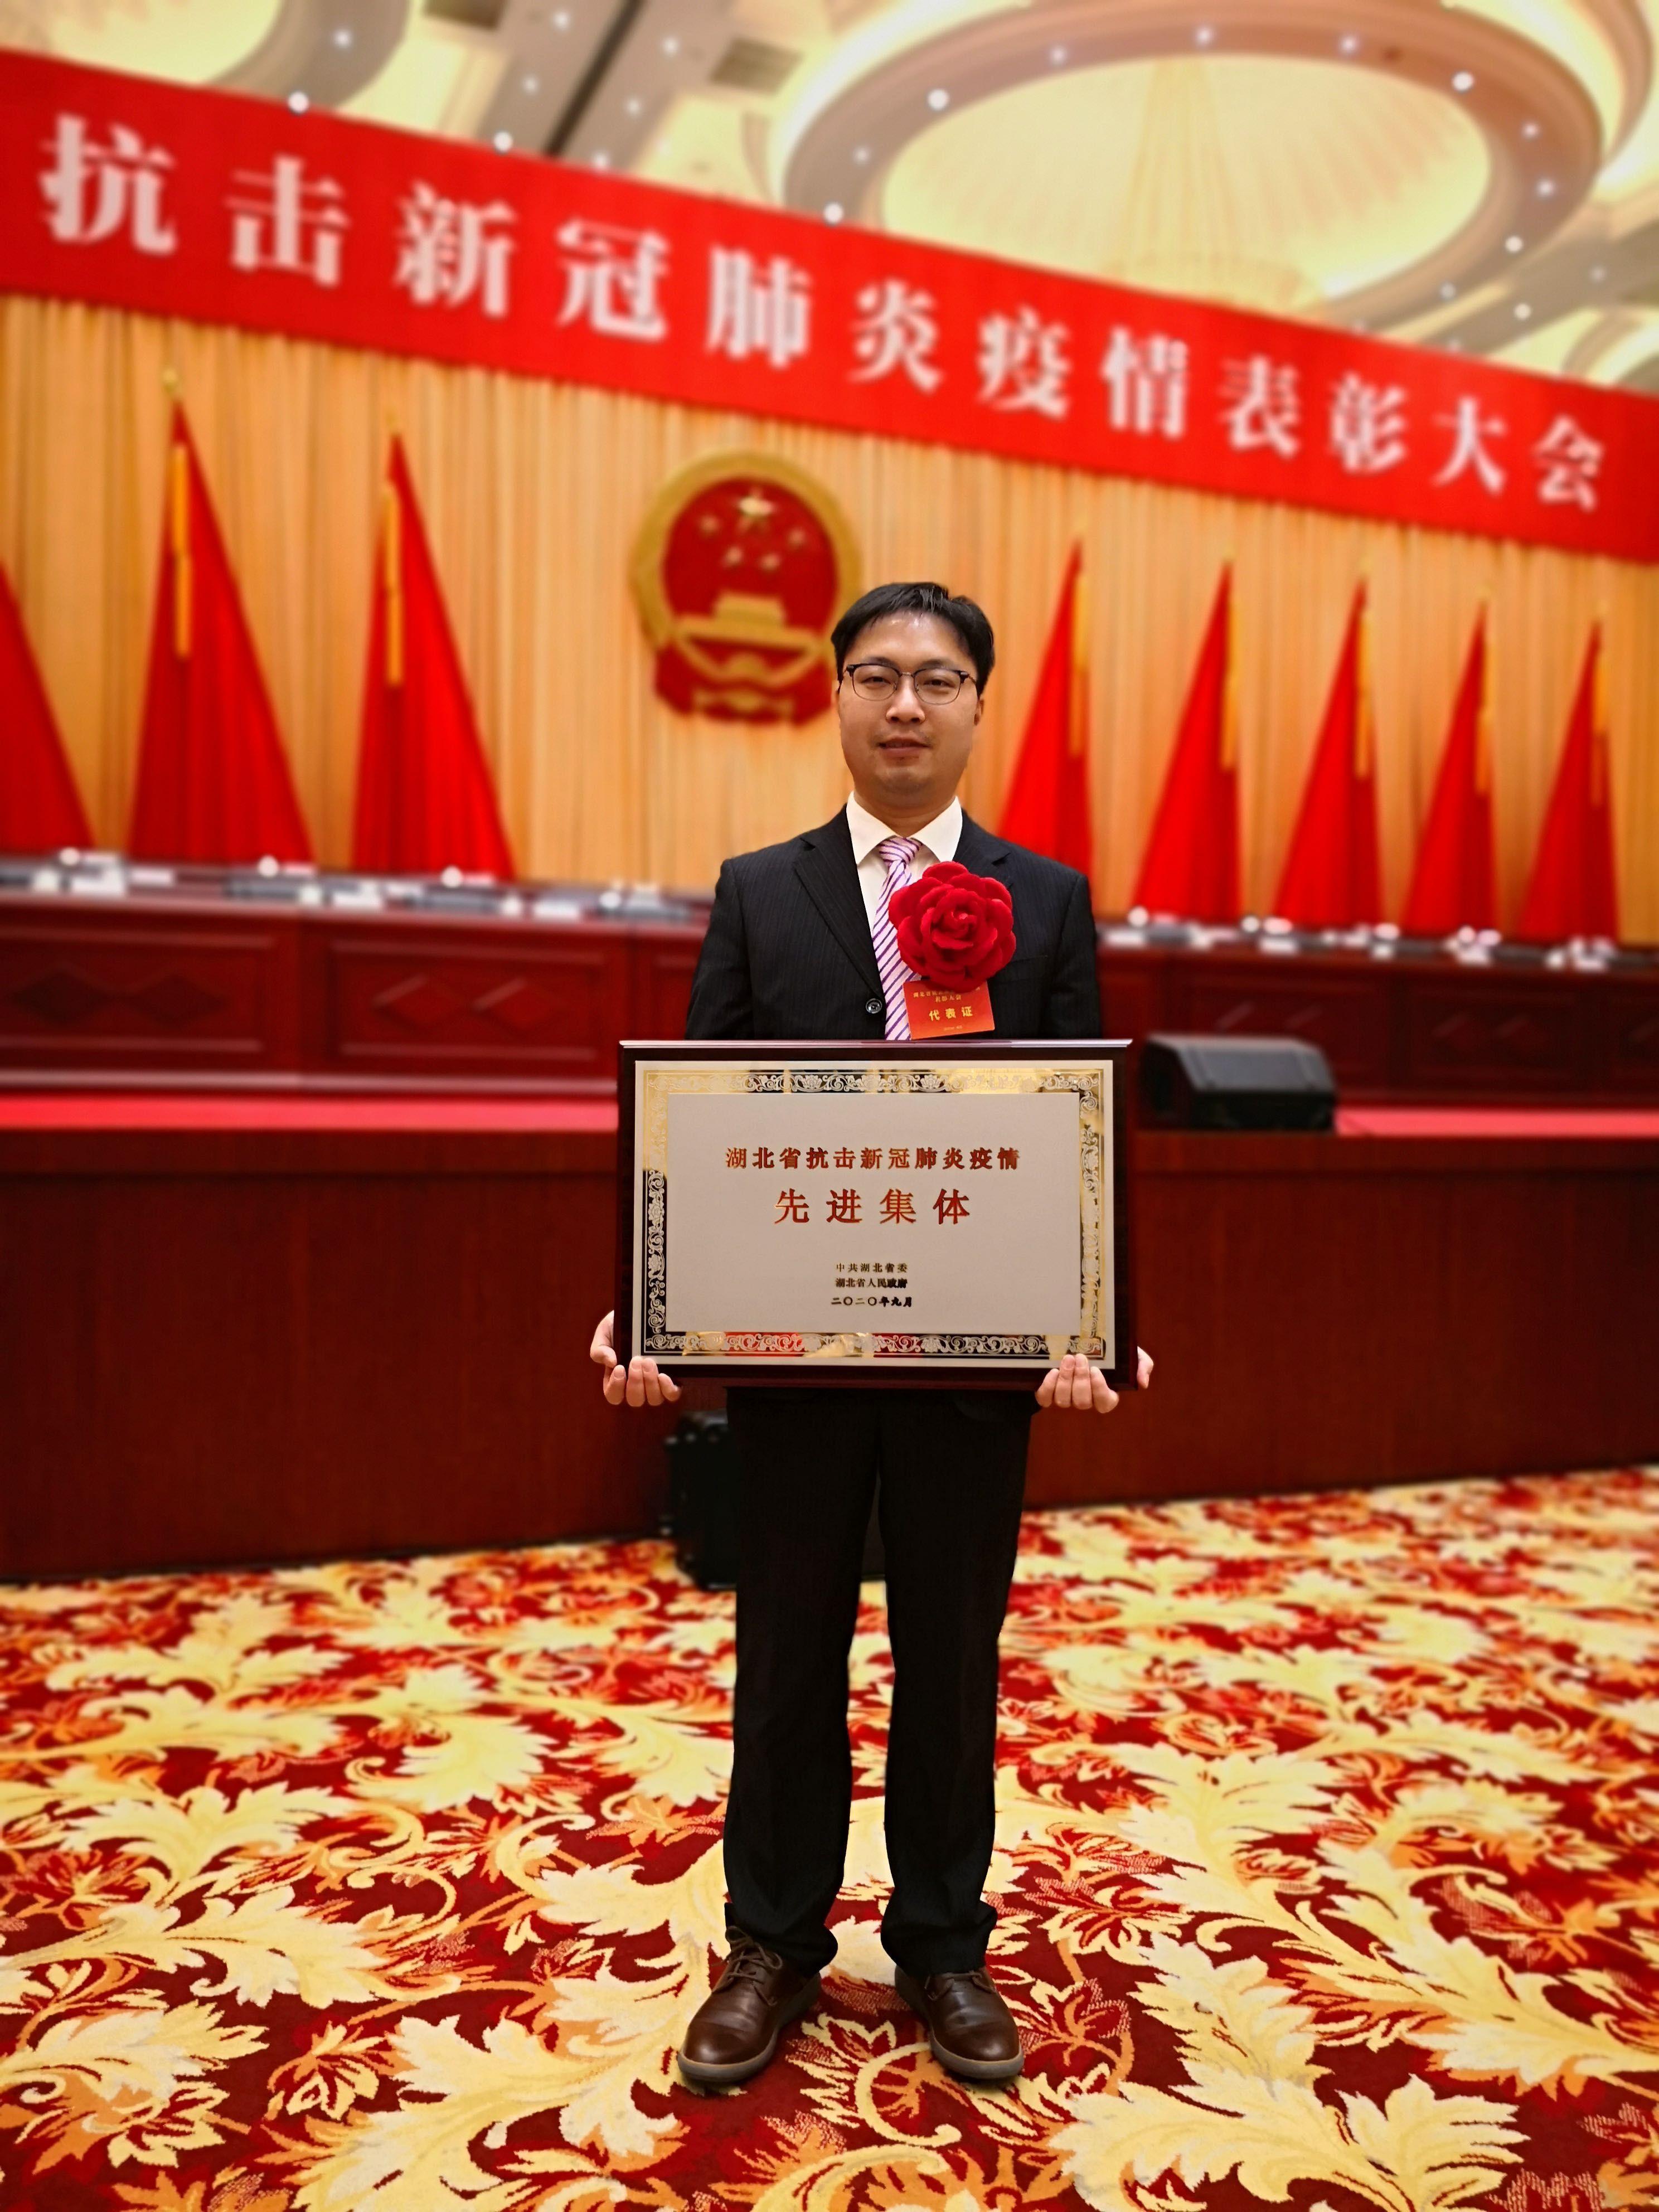 湖北省中医院急诊科主任李刚:沉甸甸的荣誉激励我们继续前行